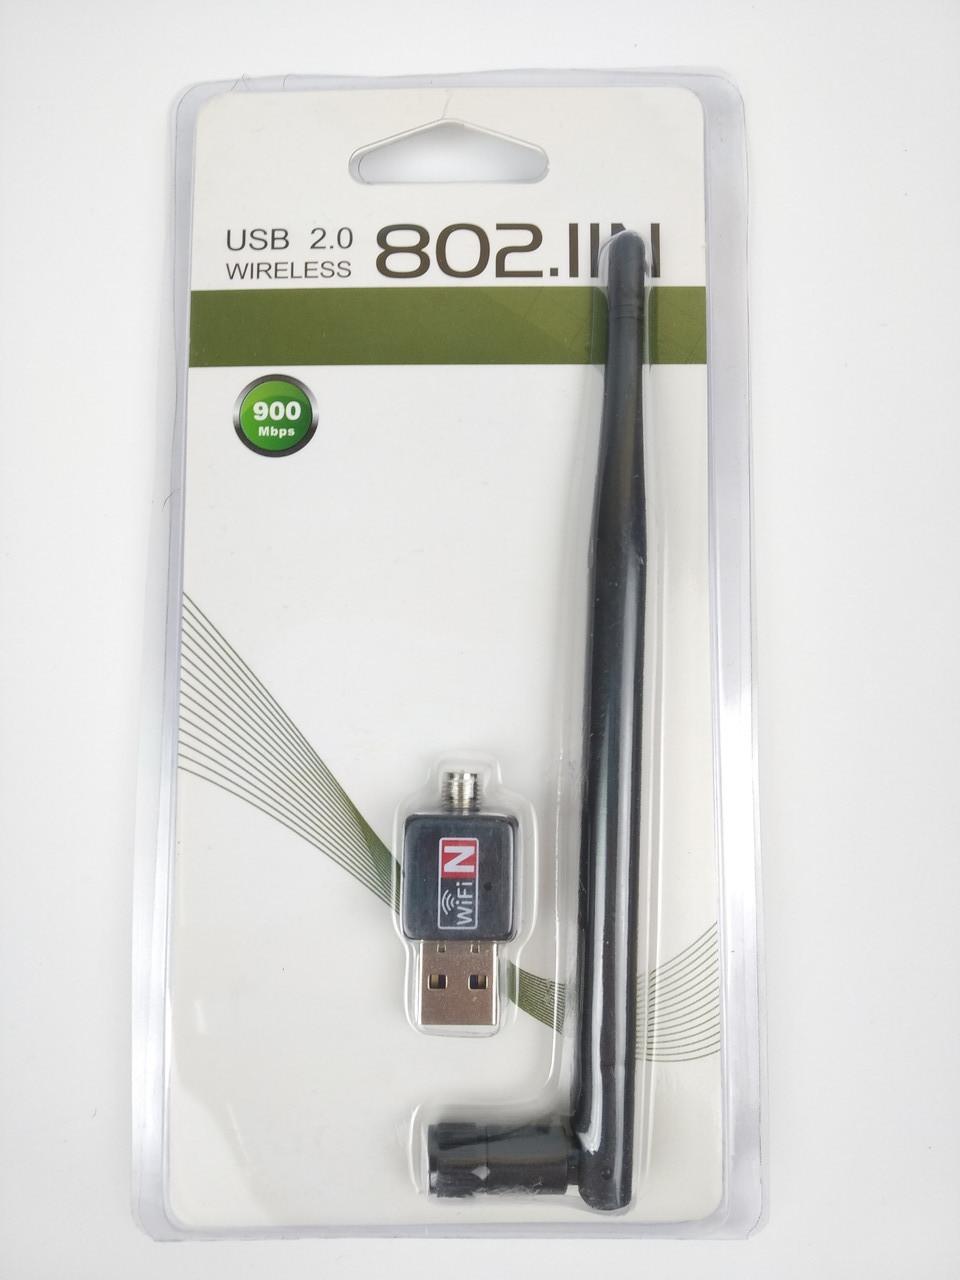 Скоростной wi-fi адаптер WF-2 900 Mb USB 2.0- 802.1IN